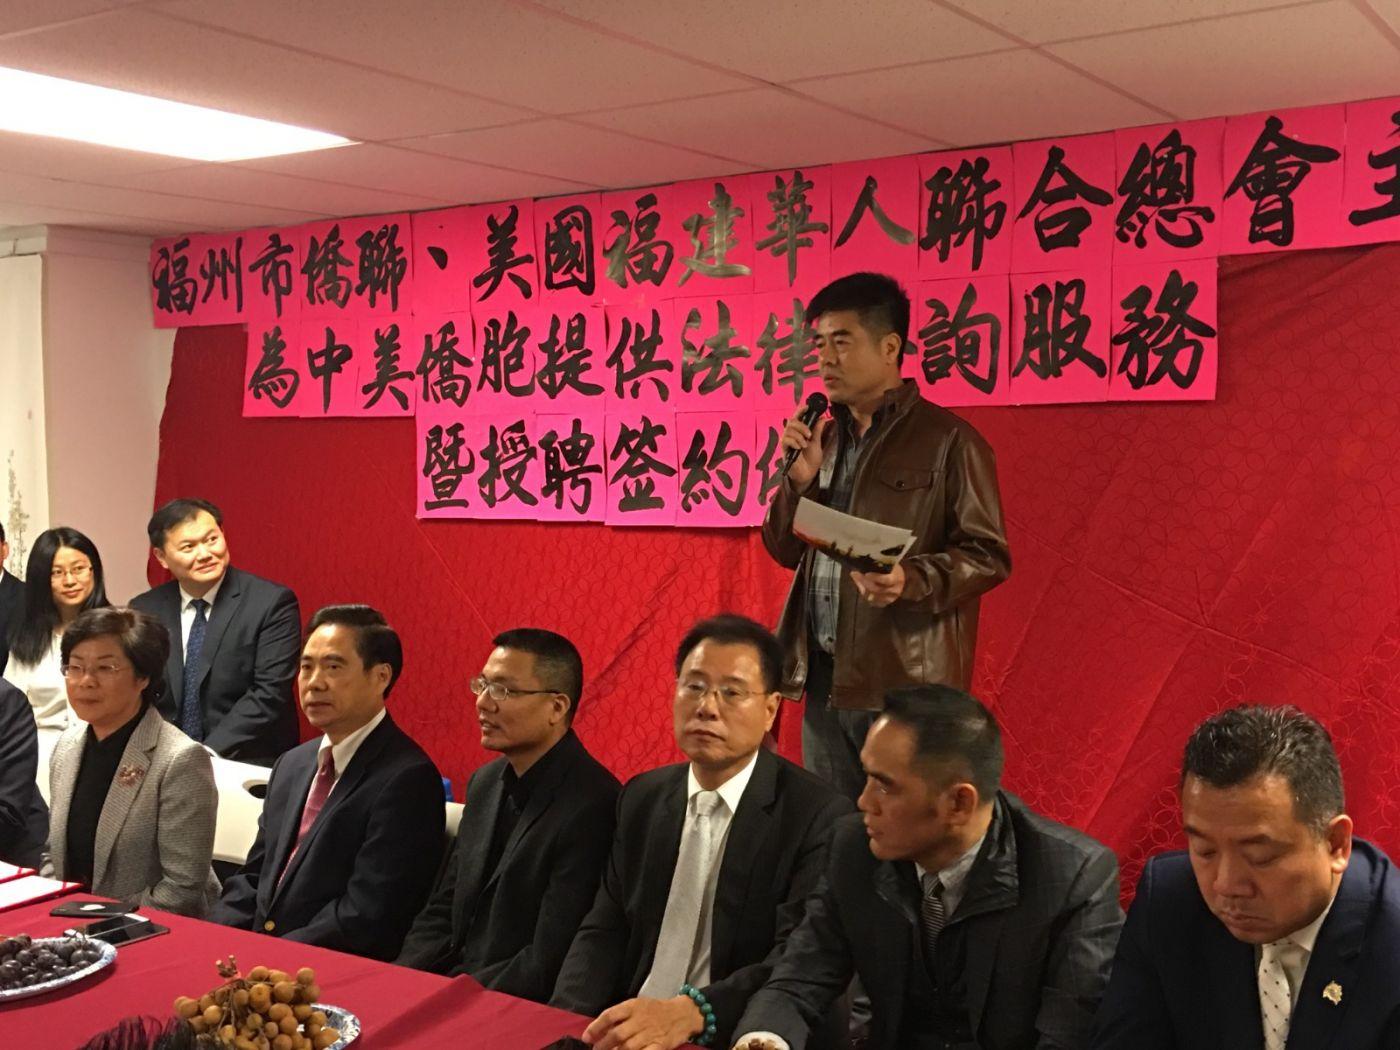 美国福建华人联合会欢迎福州市侨联主席蓝桂兰访美代表团一行 ... ..._图1-14